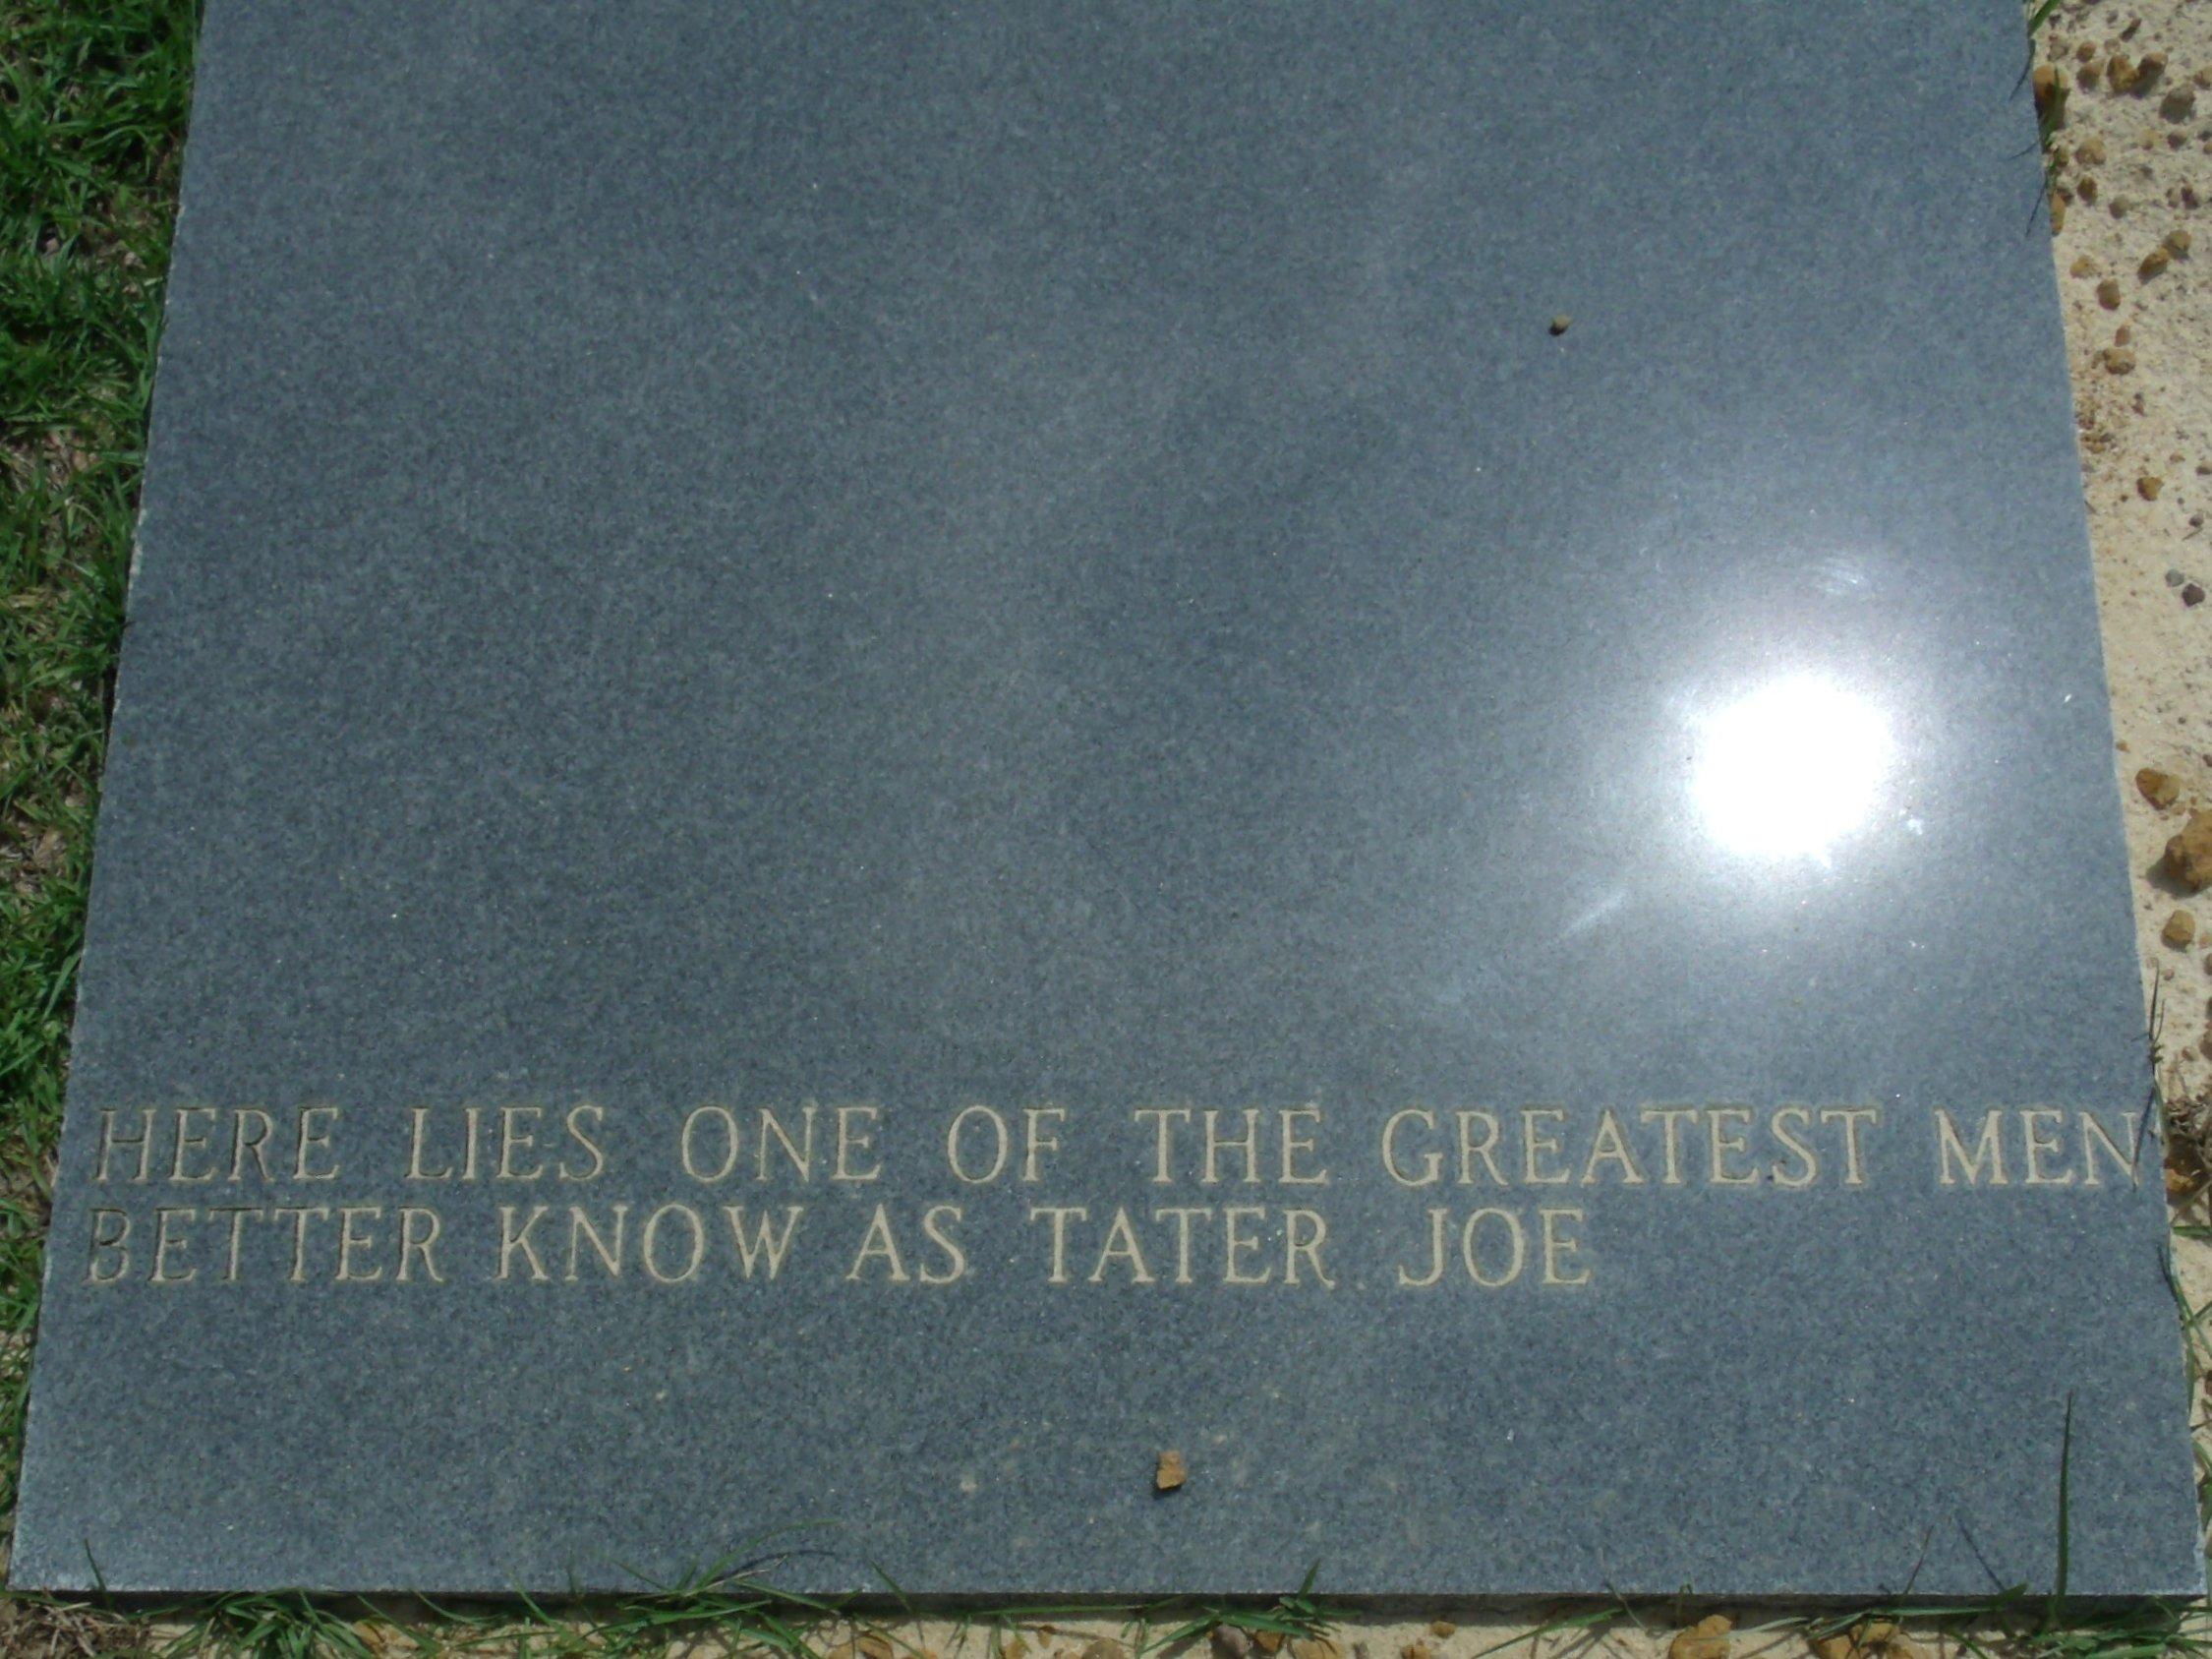 Joe Tater Joe Burgess, Sr